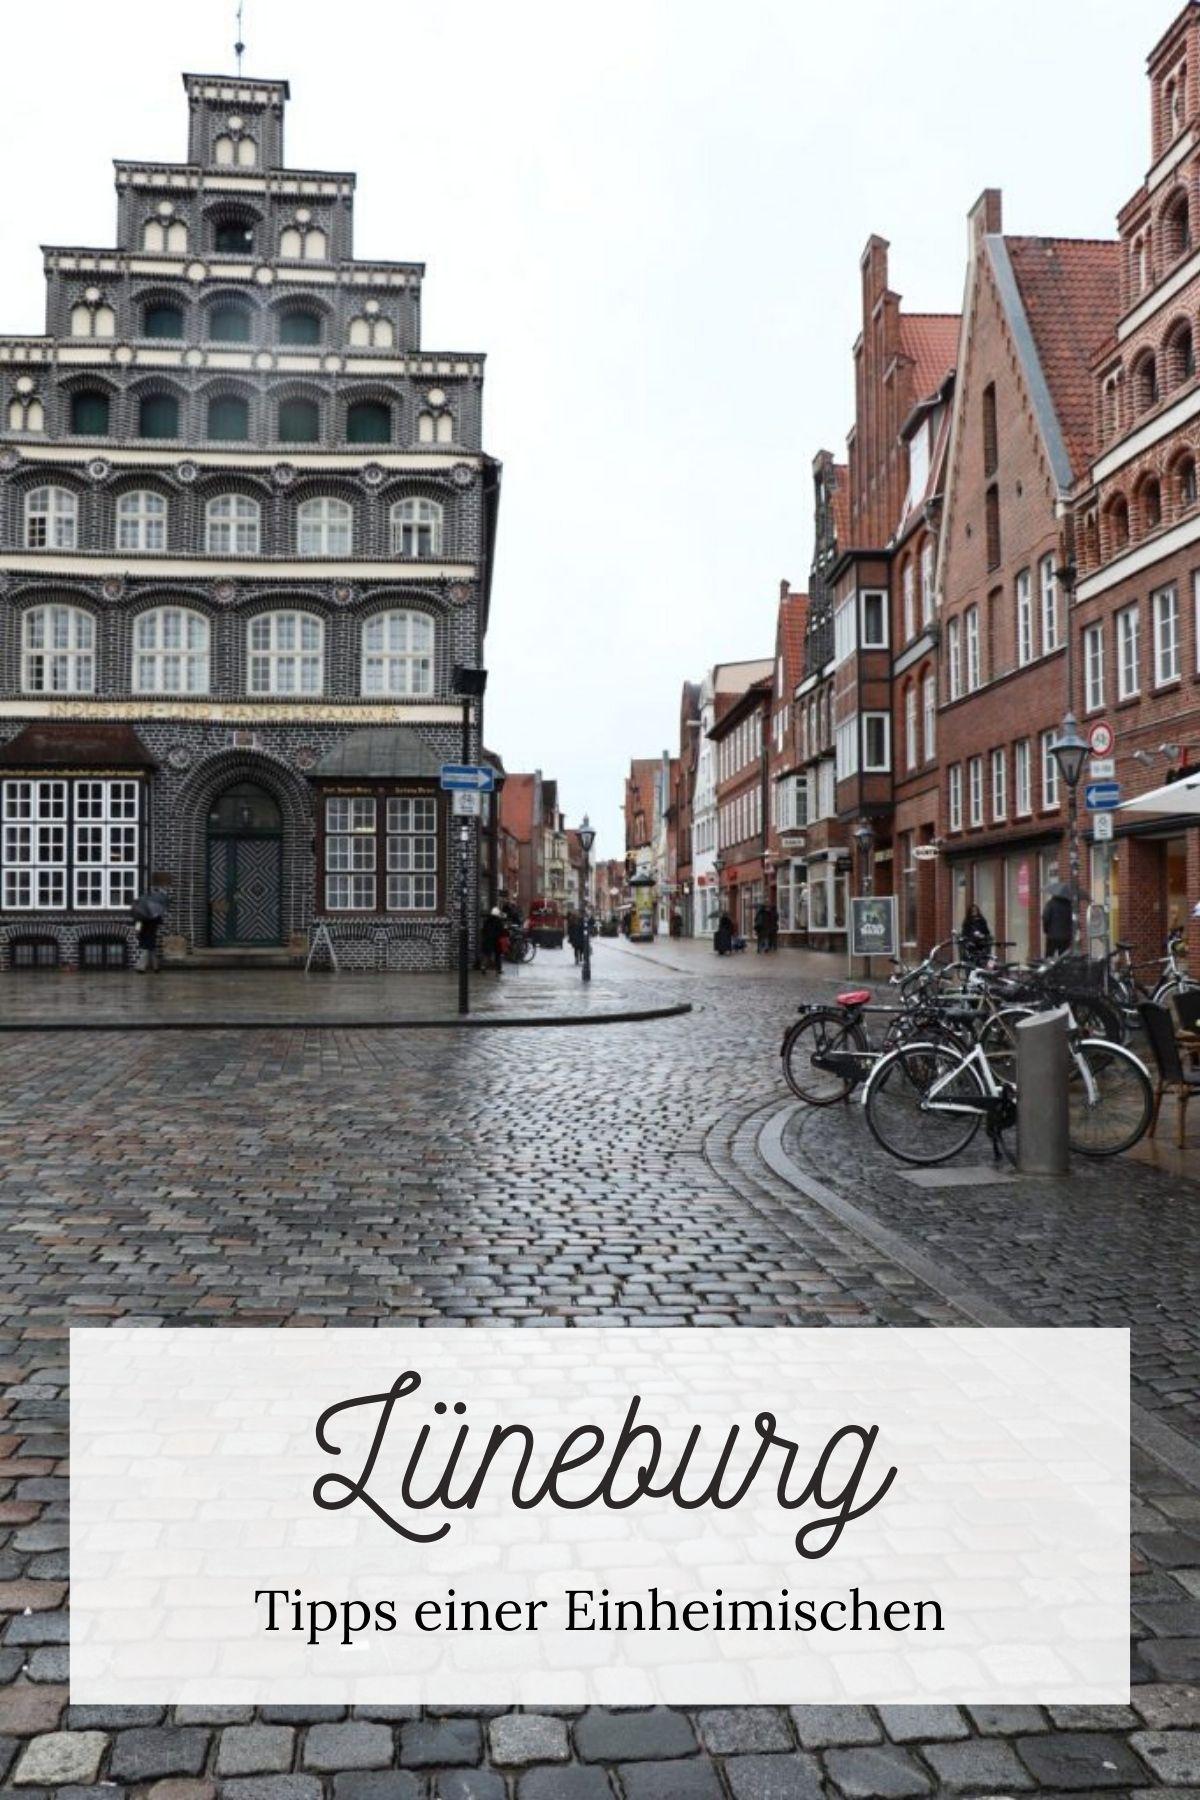 Luneburg Tipps Fur Niedliche Geschafte Cafes Lavendelblog In 2020 Tipps Reisen Sehenswurdigkeiten Stuttgart